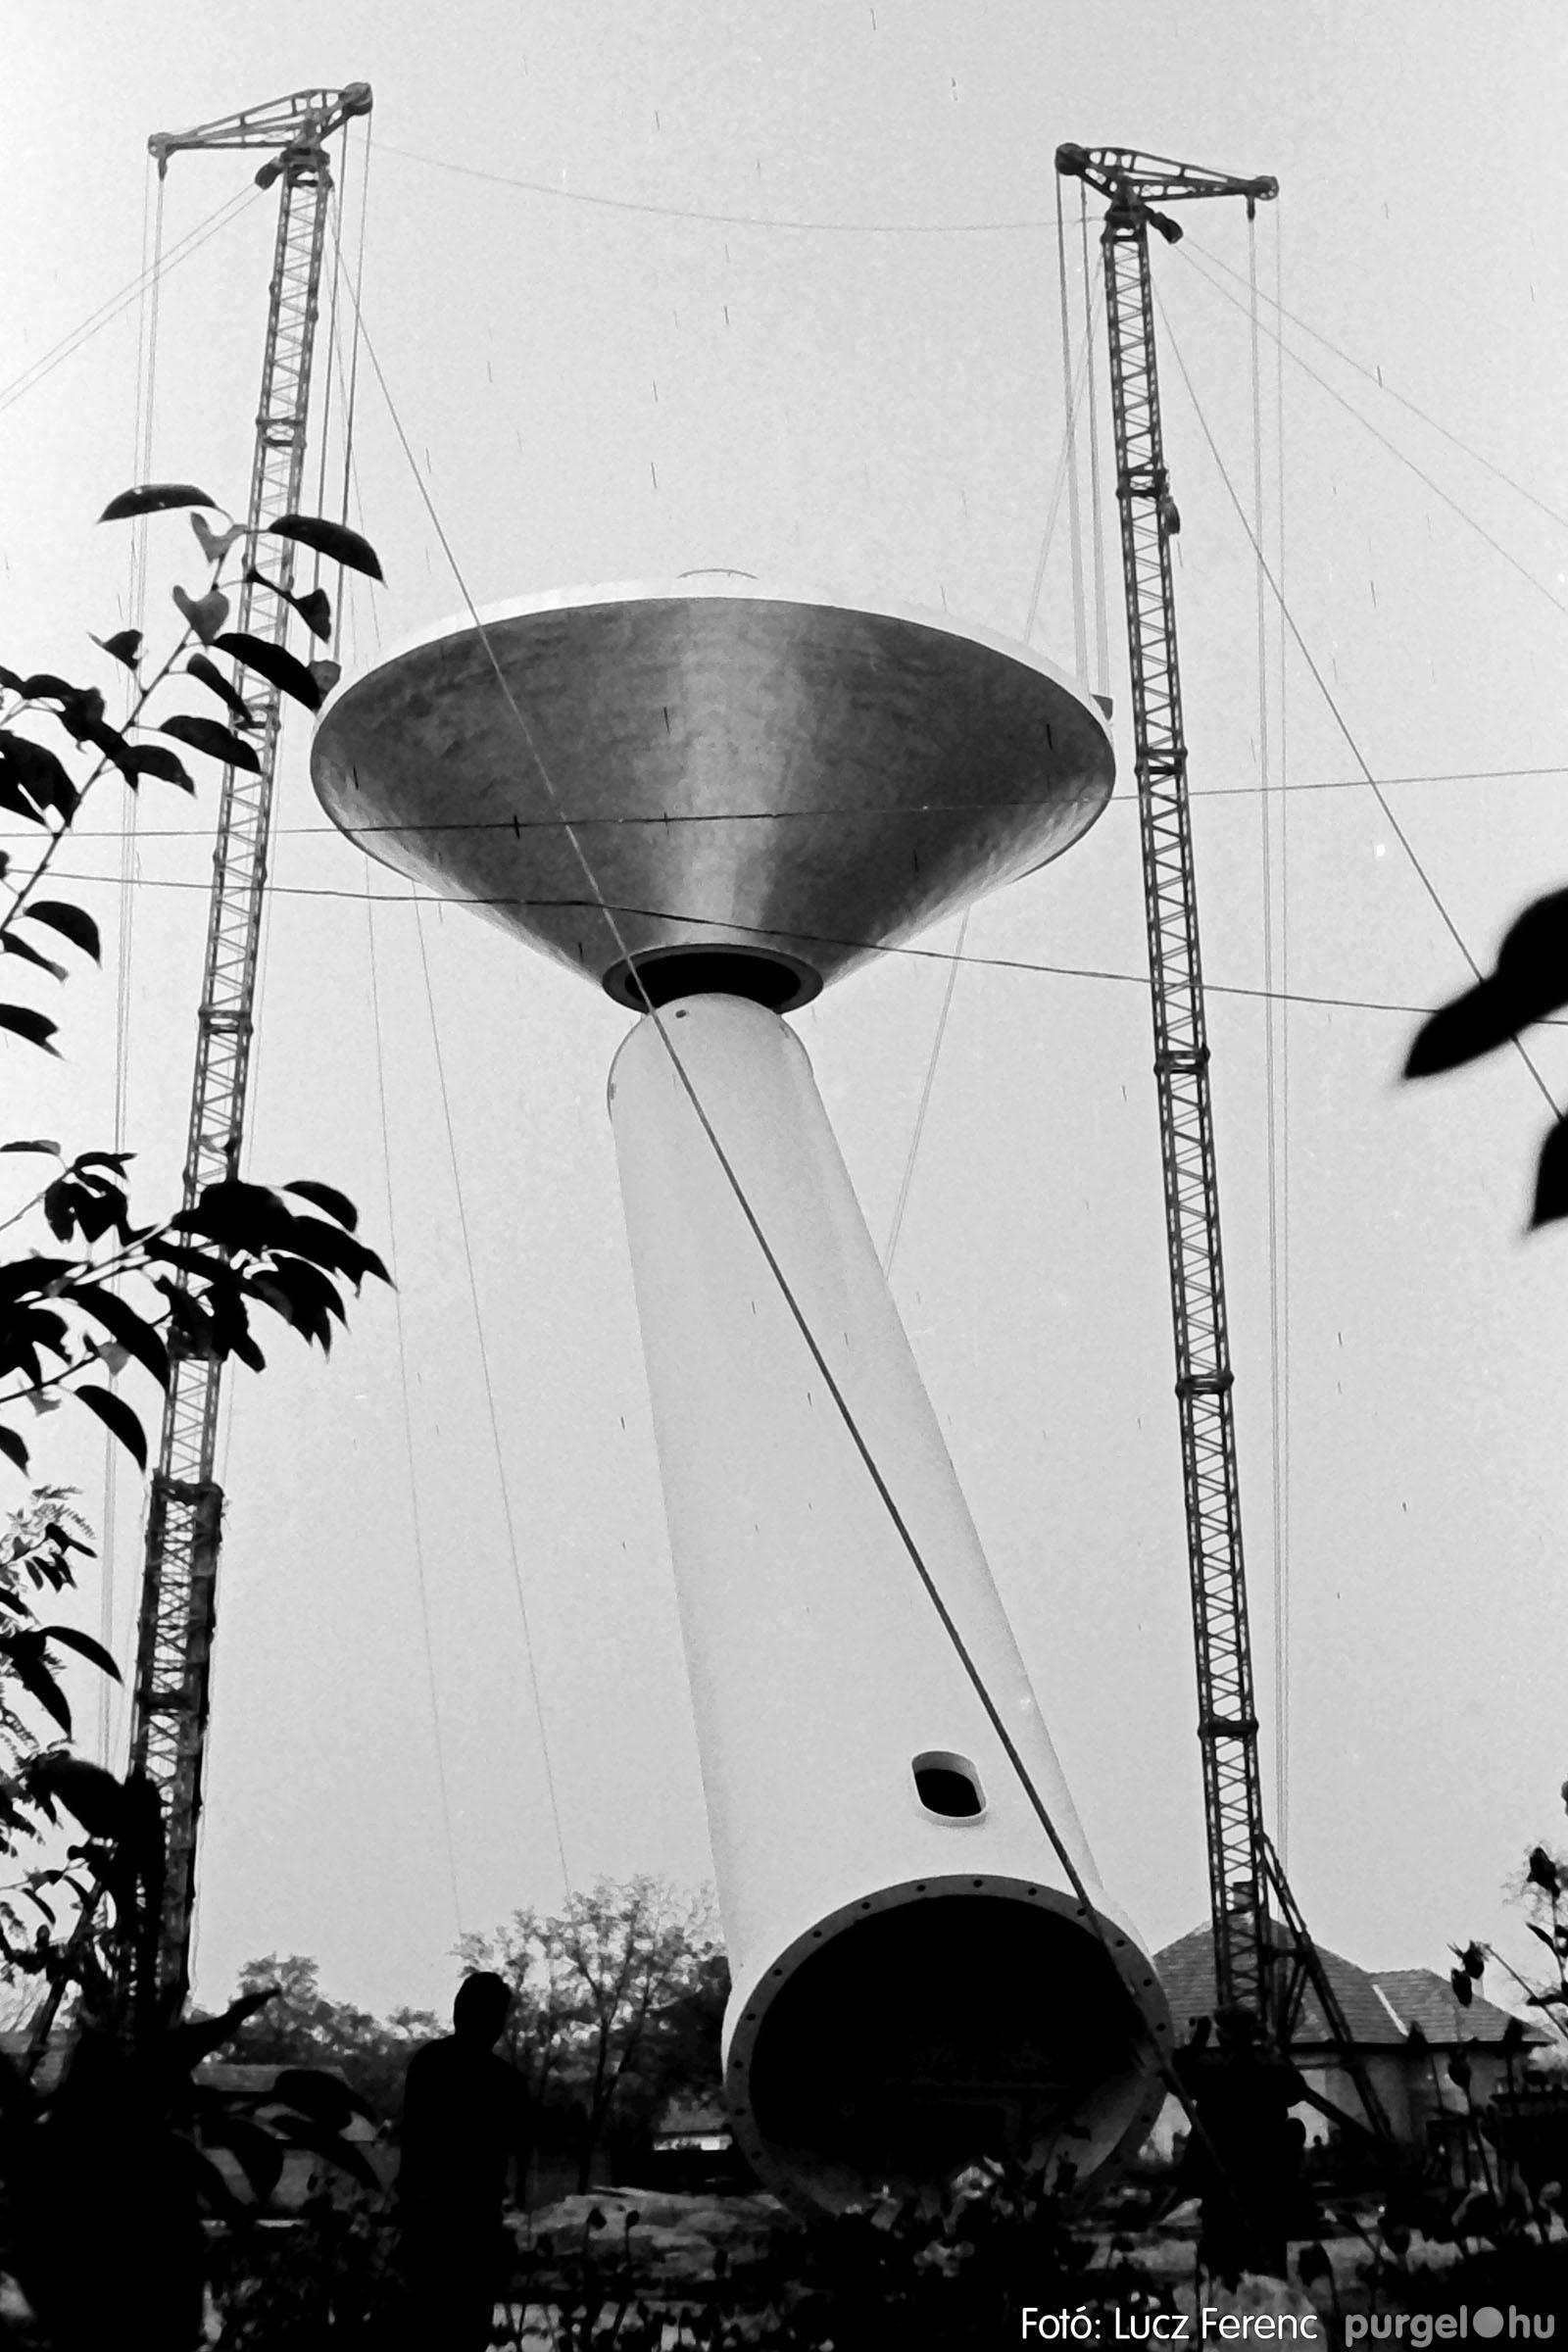 122A. 1978. Épül a víztorony 025. - Fotó: Lucz Ferenc.jpg